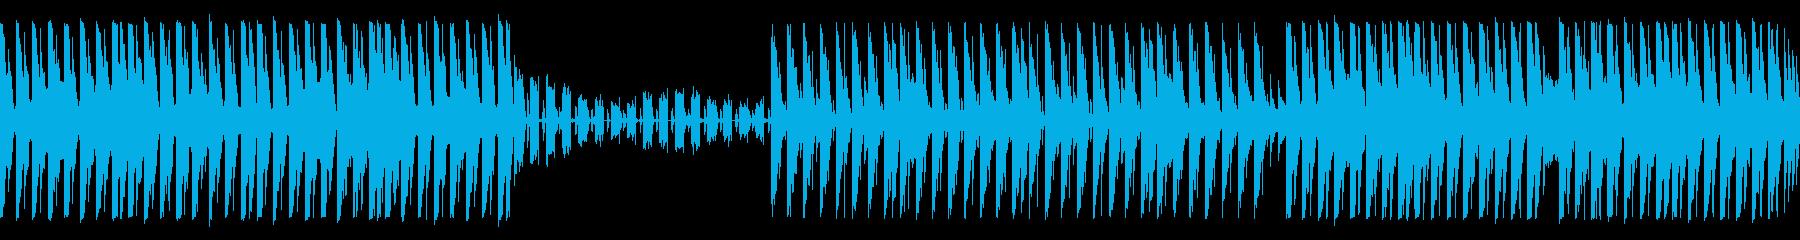 【ループ・Lead抜】可愛らしいEDMの再生済みの波形